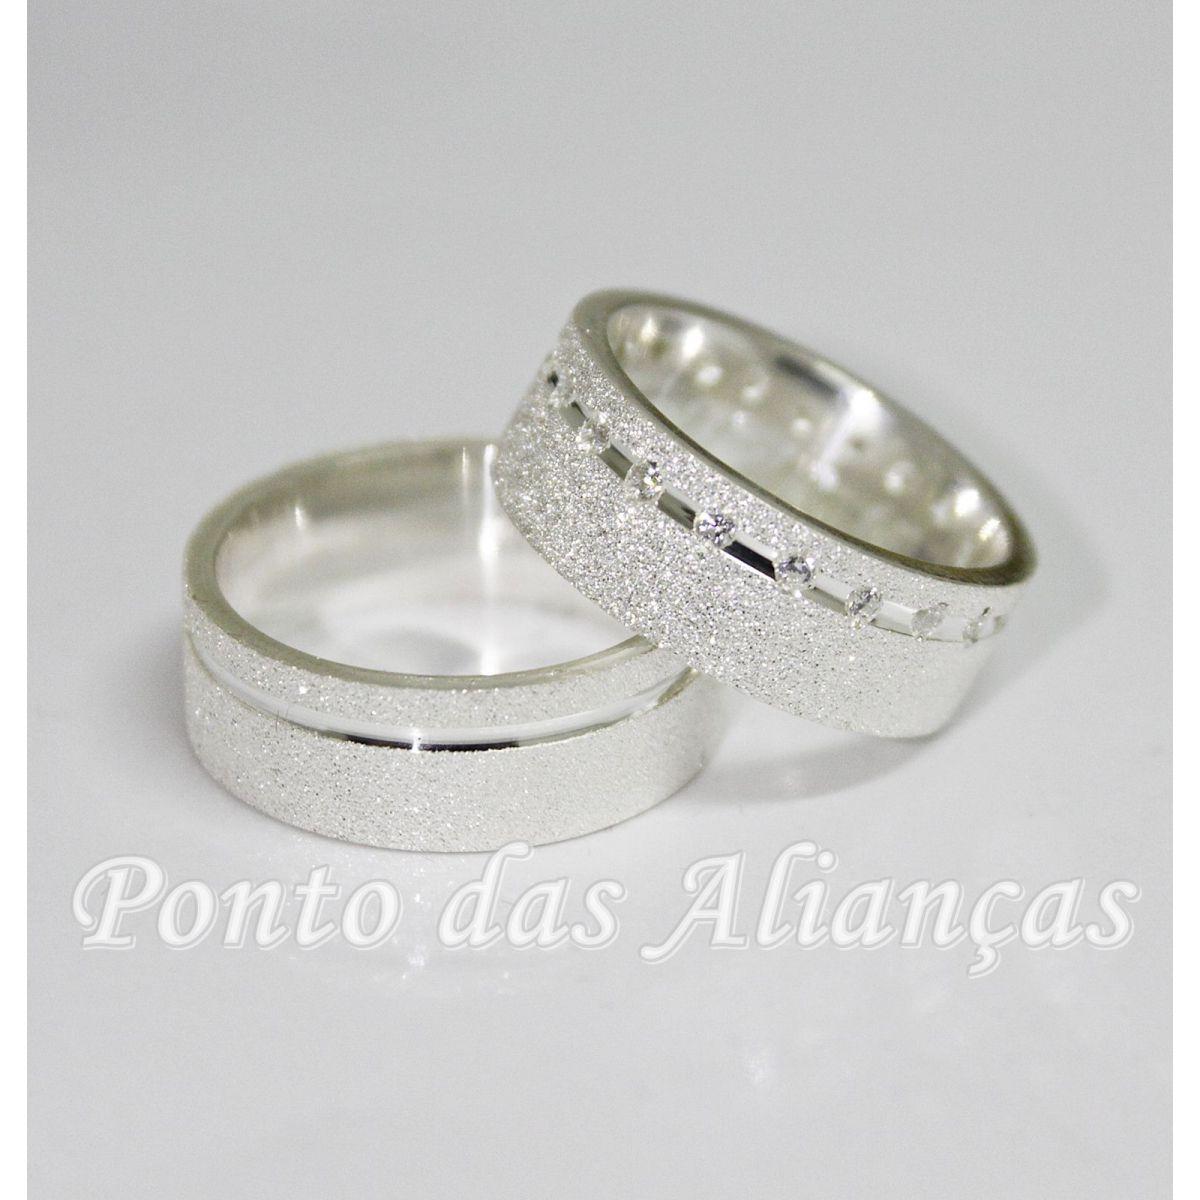 Alianças de Prata Compromisso - 3074